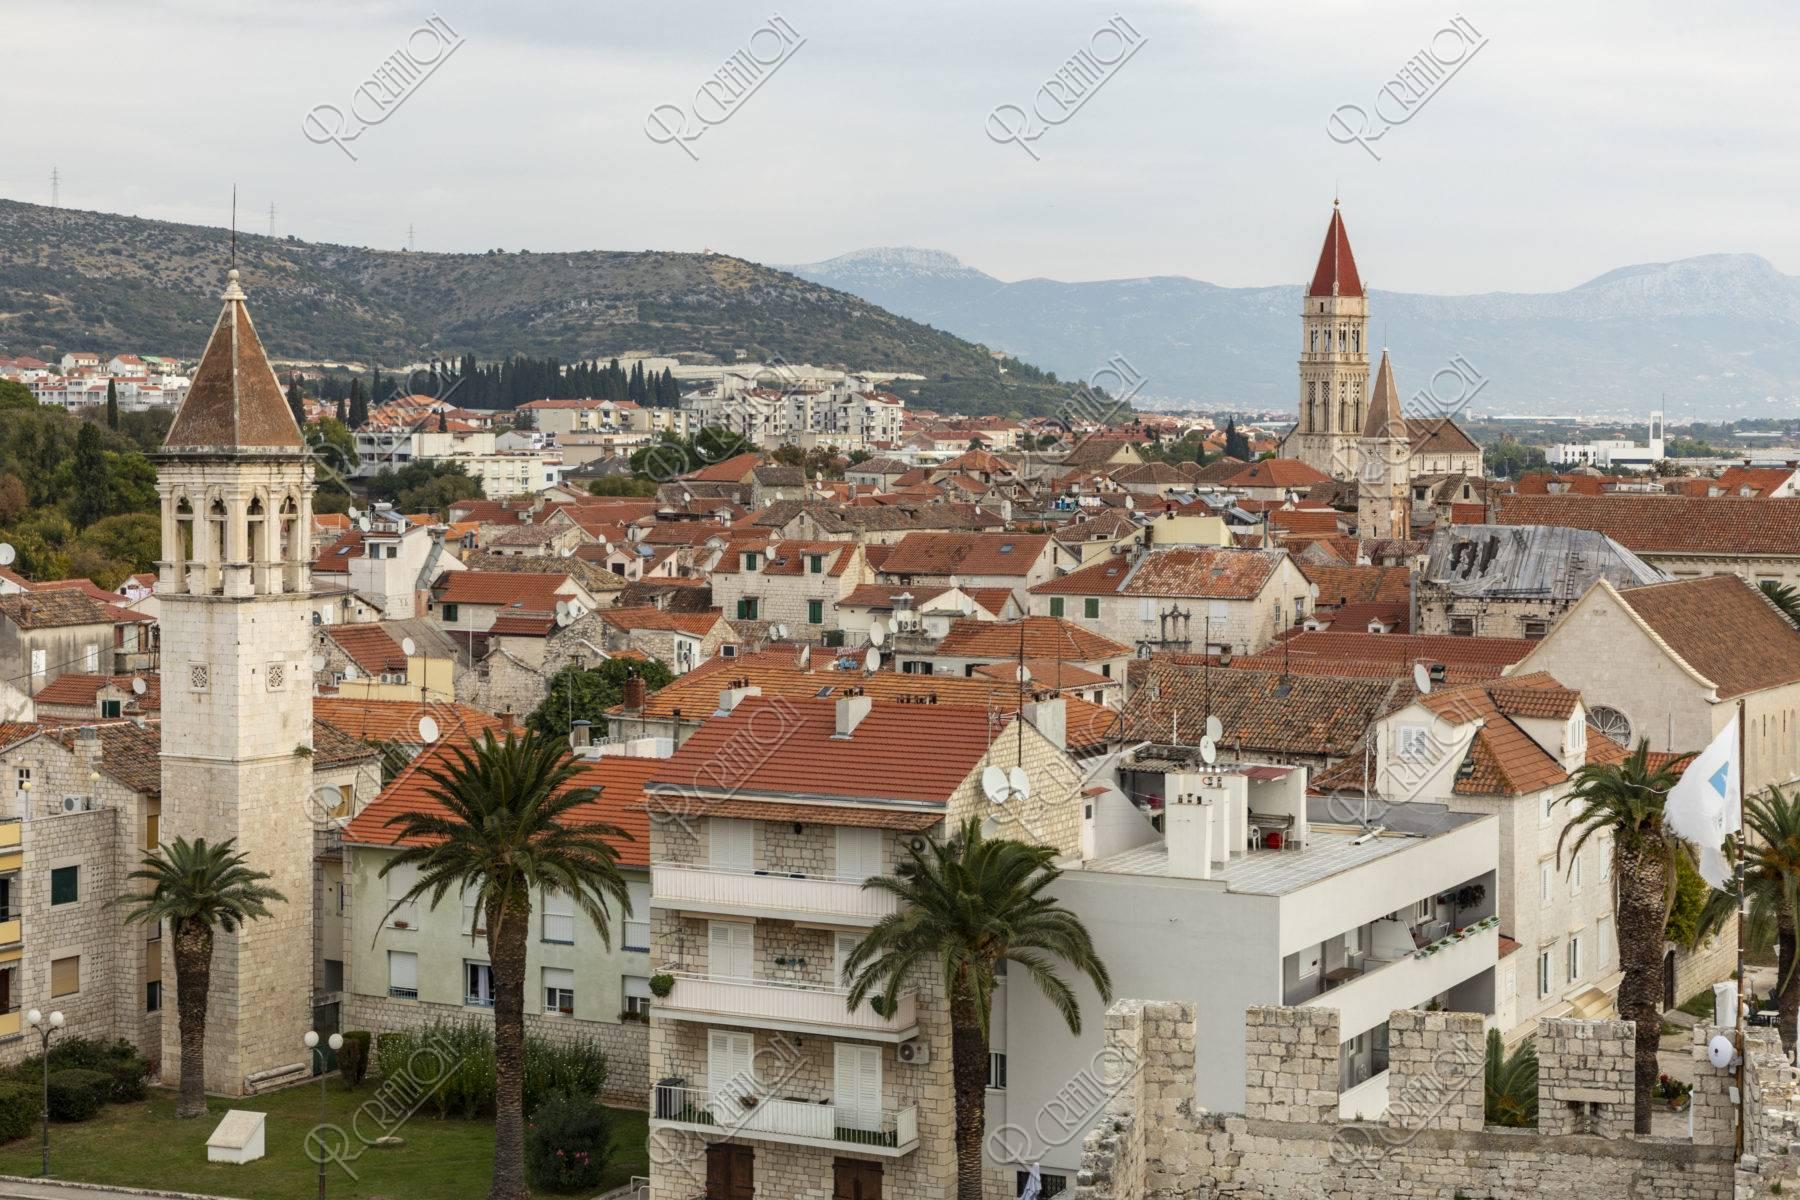 トロギル 旧市街地